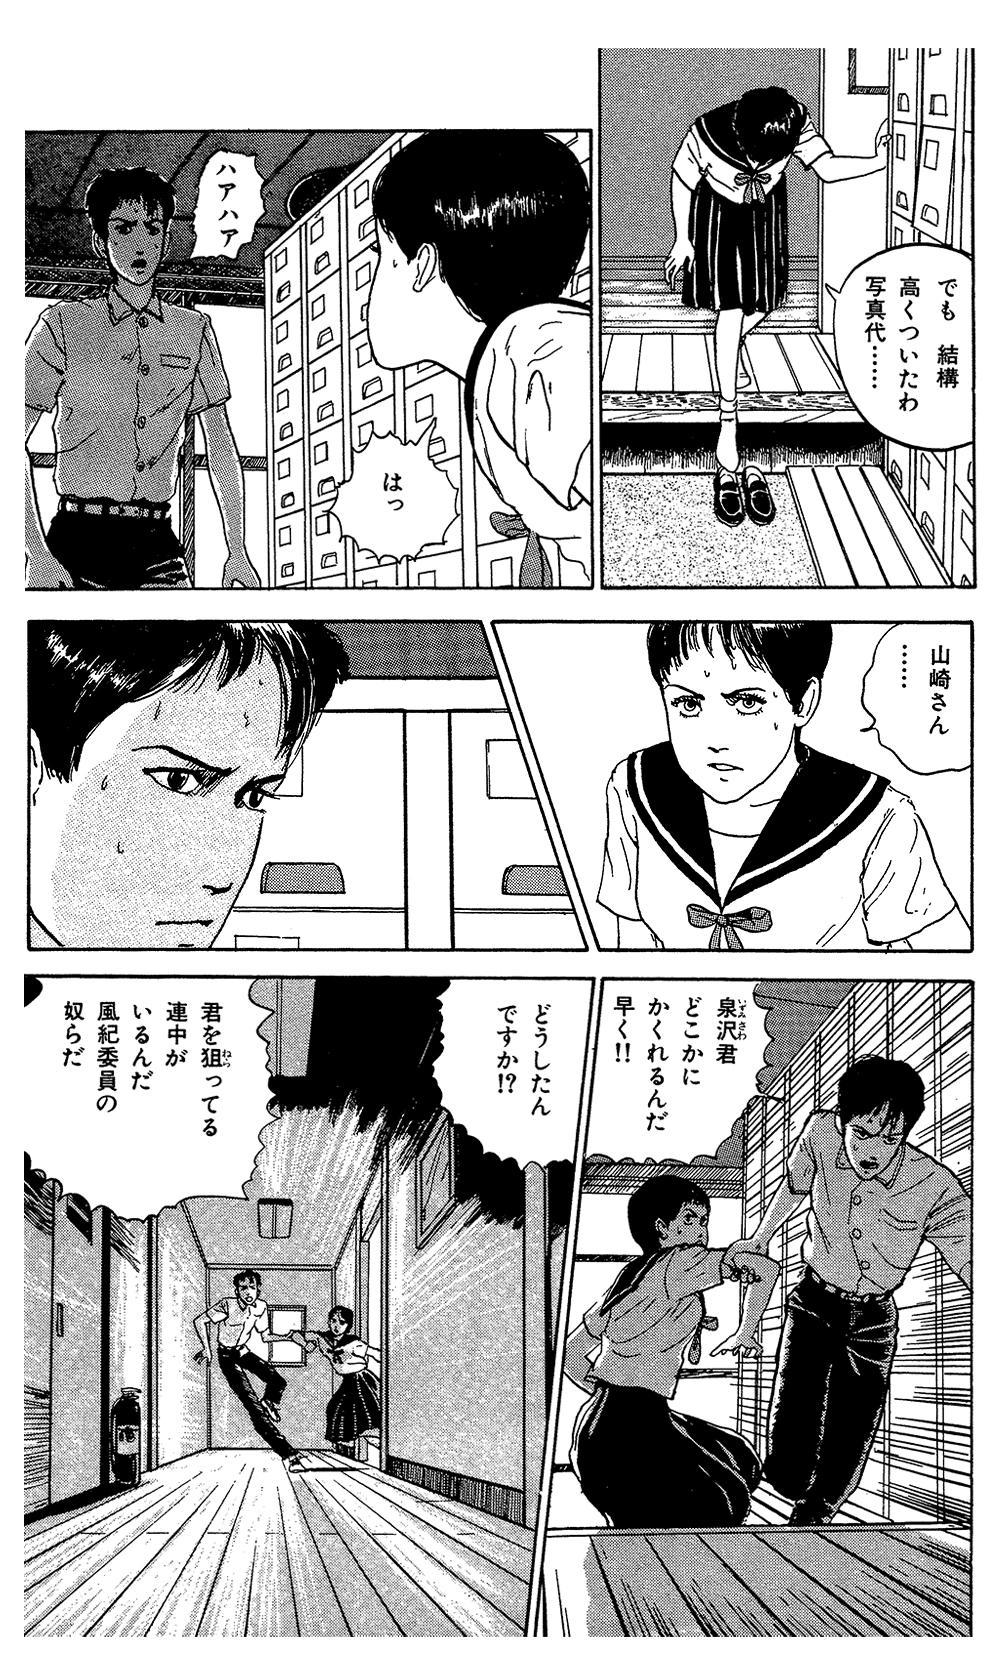 伊藤潤二傑作集 第4話「富江 写真」③junji12-06-2.jpg